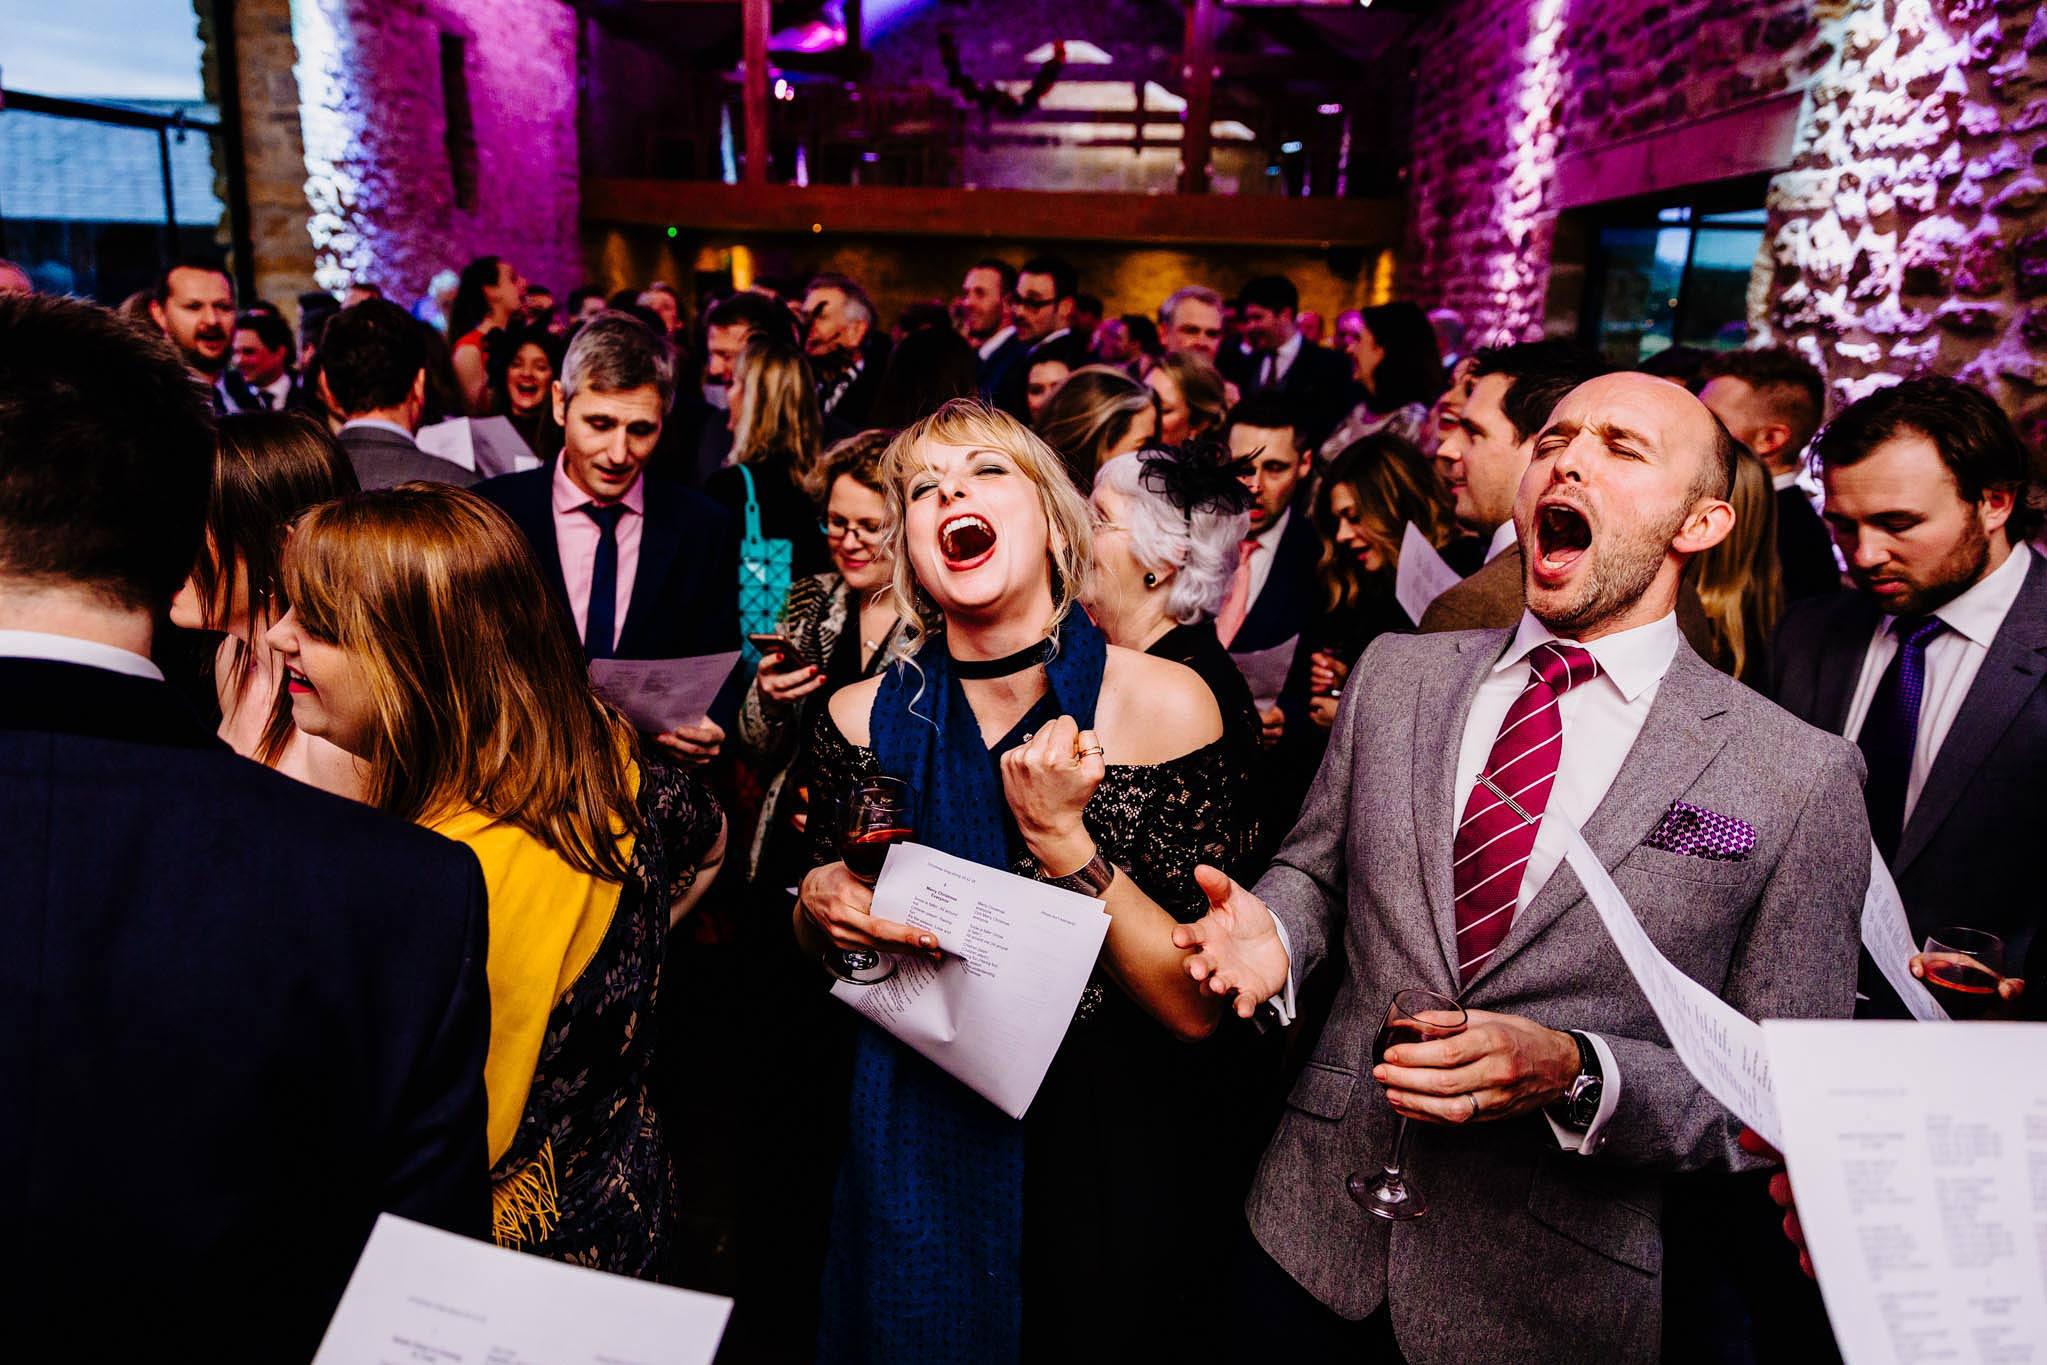 wedding guests singing carols